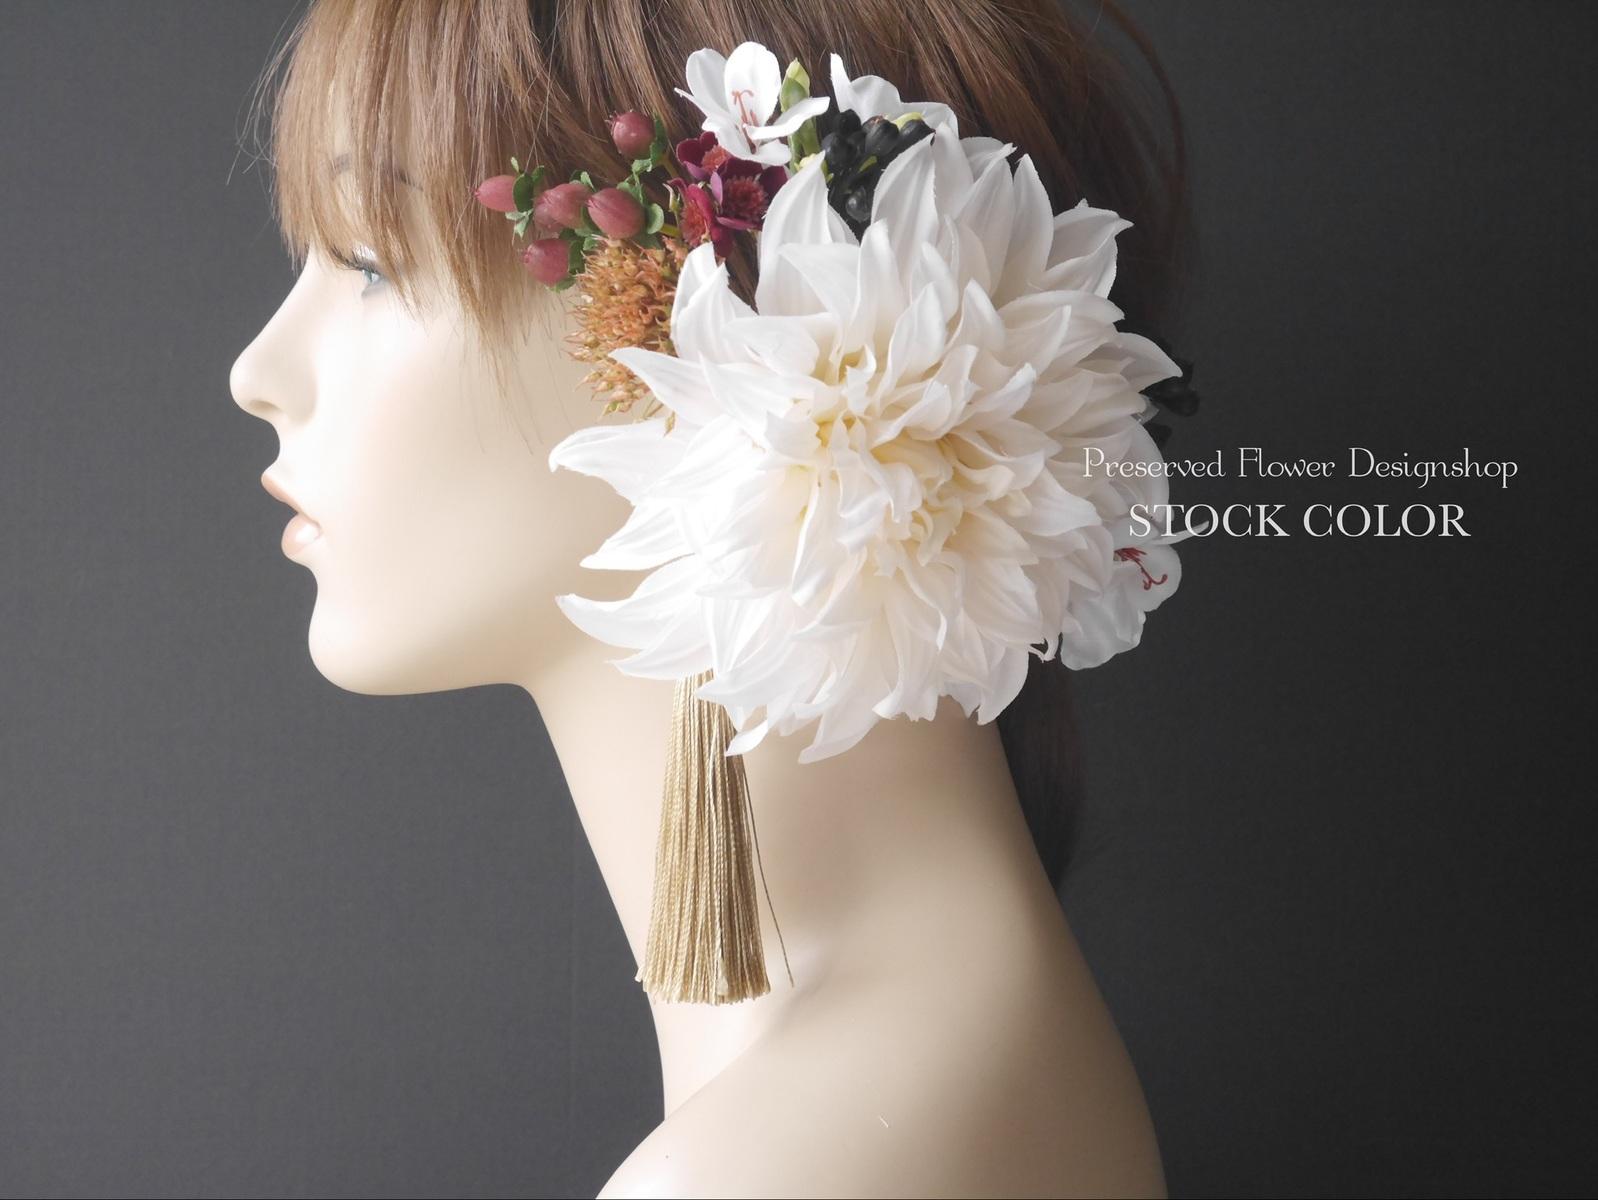 大振りダリアの髪飾り(オフホワイト)*ヘッドドレス/ヘアアクセサリー【成人式や結婚式に】